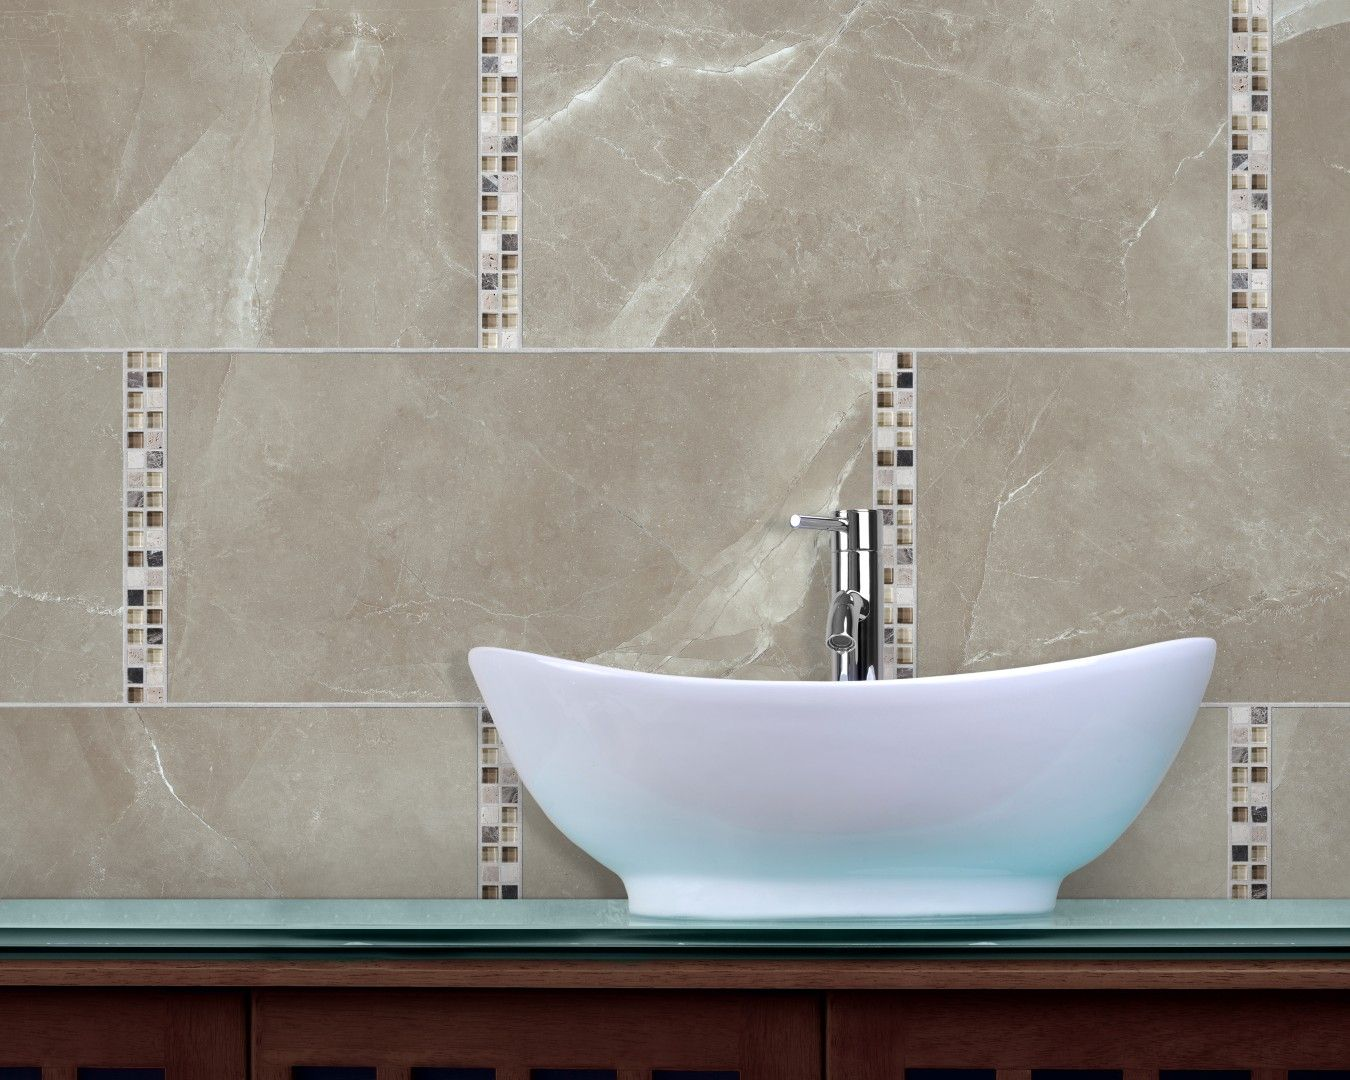 Porcelain Tile Backsplash Ideas Part - 34: Pulpis Moca High Definition Porcelain Tile - Anatolia Tile. Backsplash  IdeasTile ...